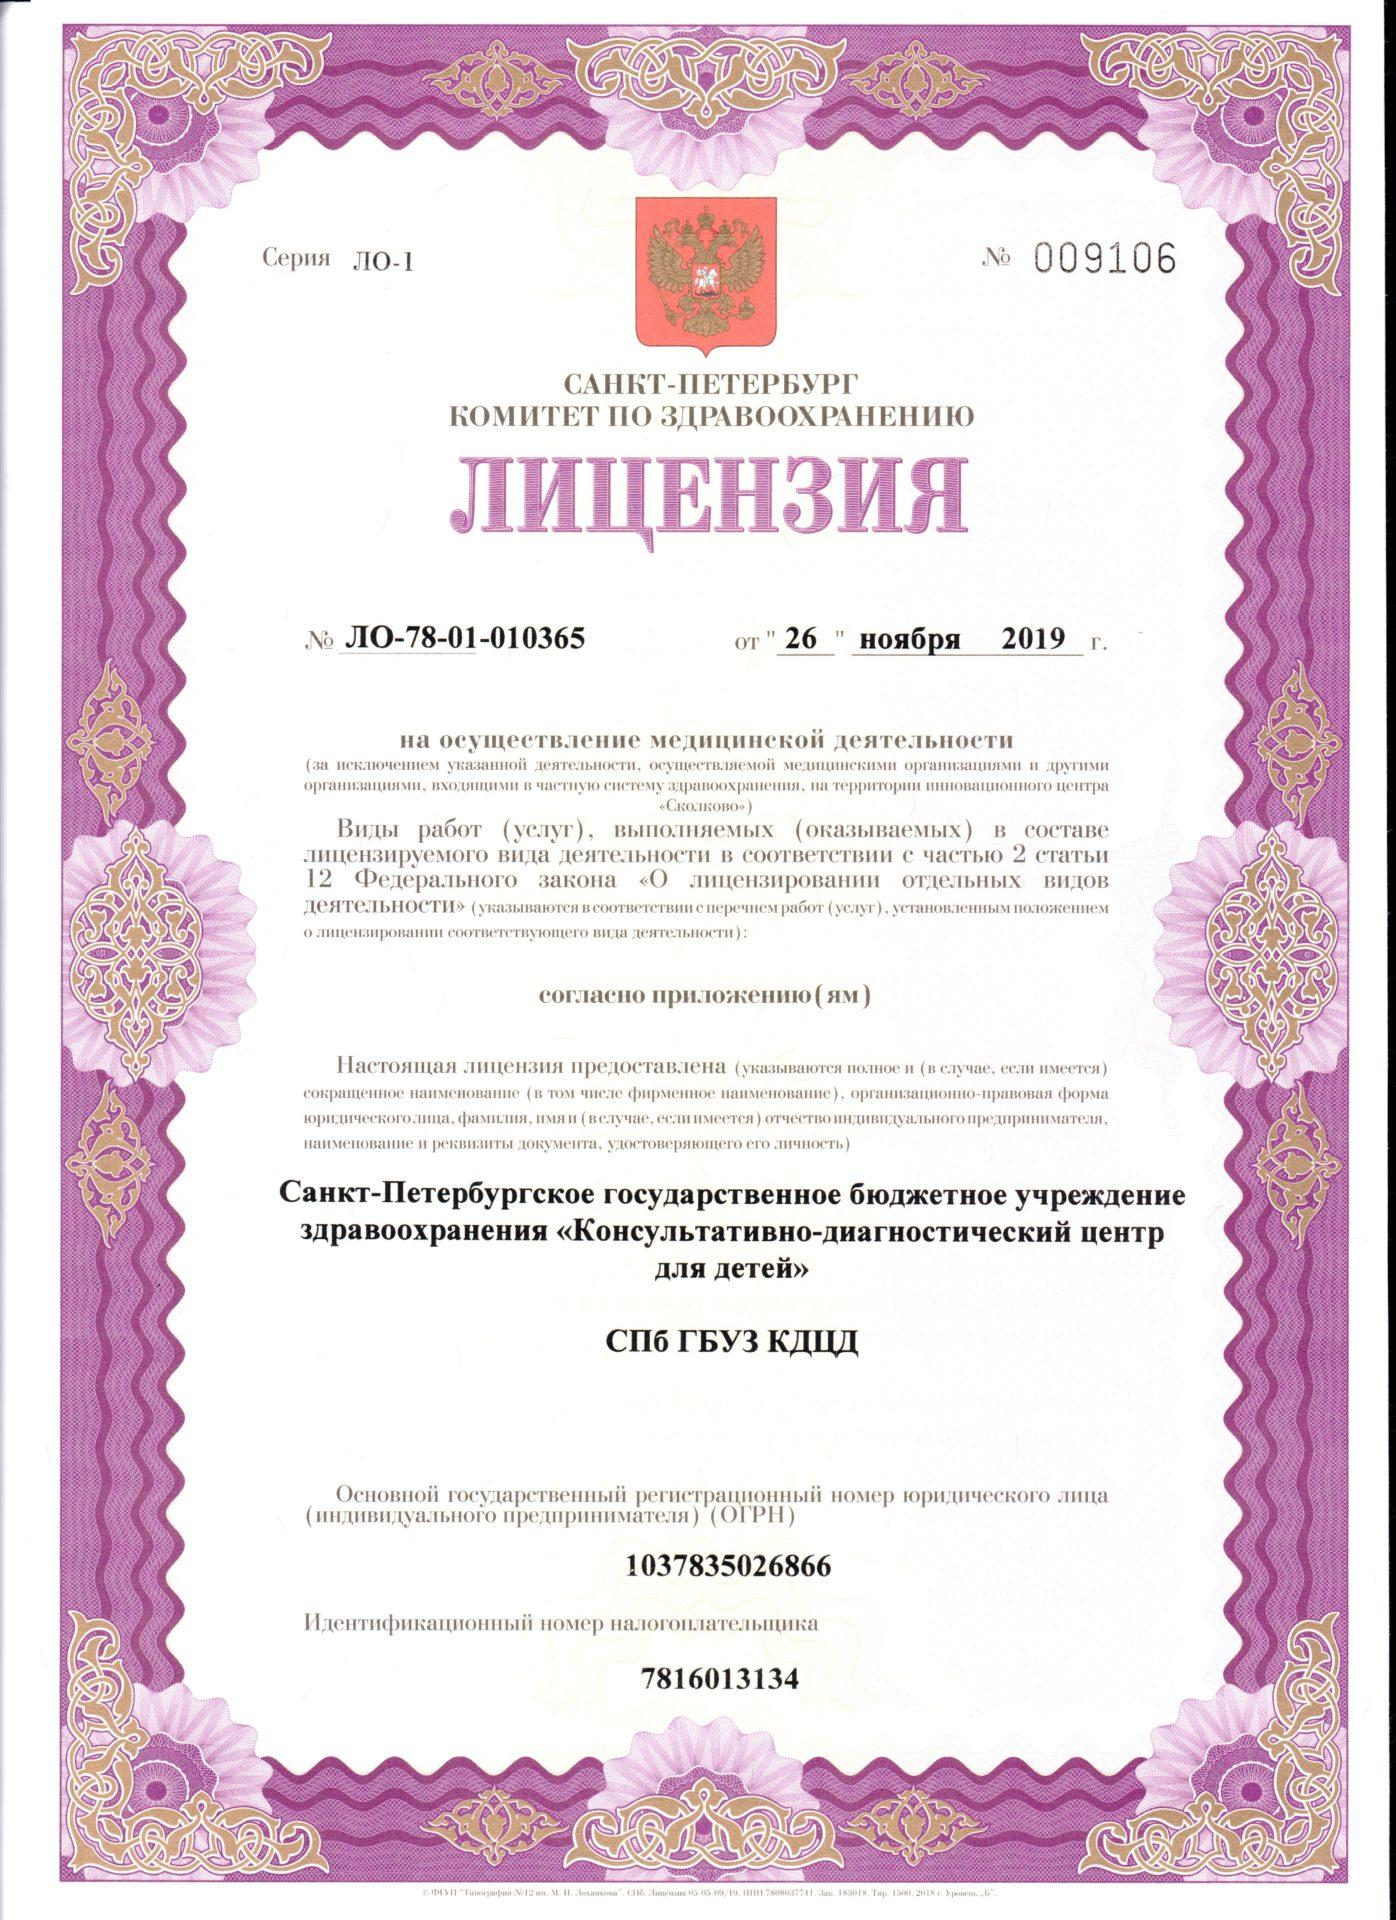 Лицензия на осуществление медицинской деятельности. стр.1